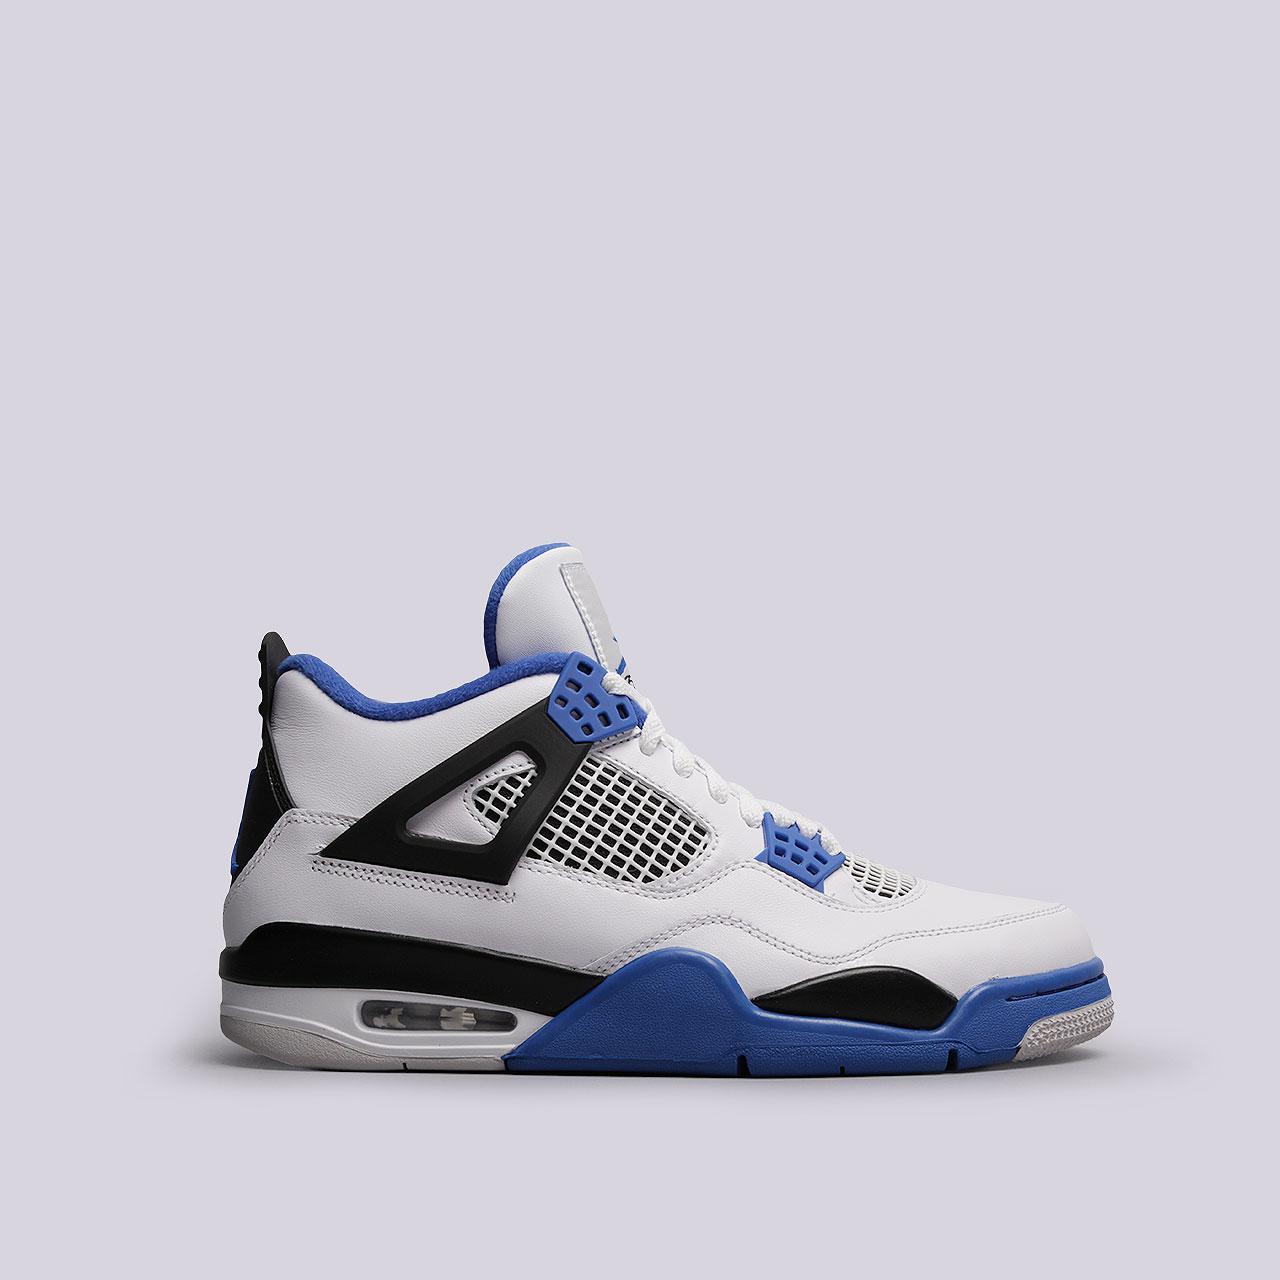 Кроссовки Jordan IV RetroКроссовки lifestyle<br>Кожа, текстиль, резина<br><br>Цвет: Белый, синий, черный<br>Размеры US: 8.5;15<br>Пол: Мужской